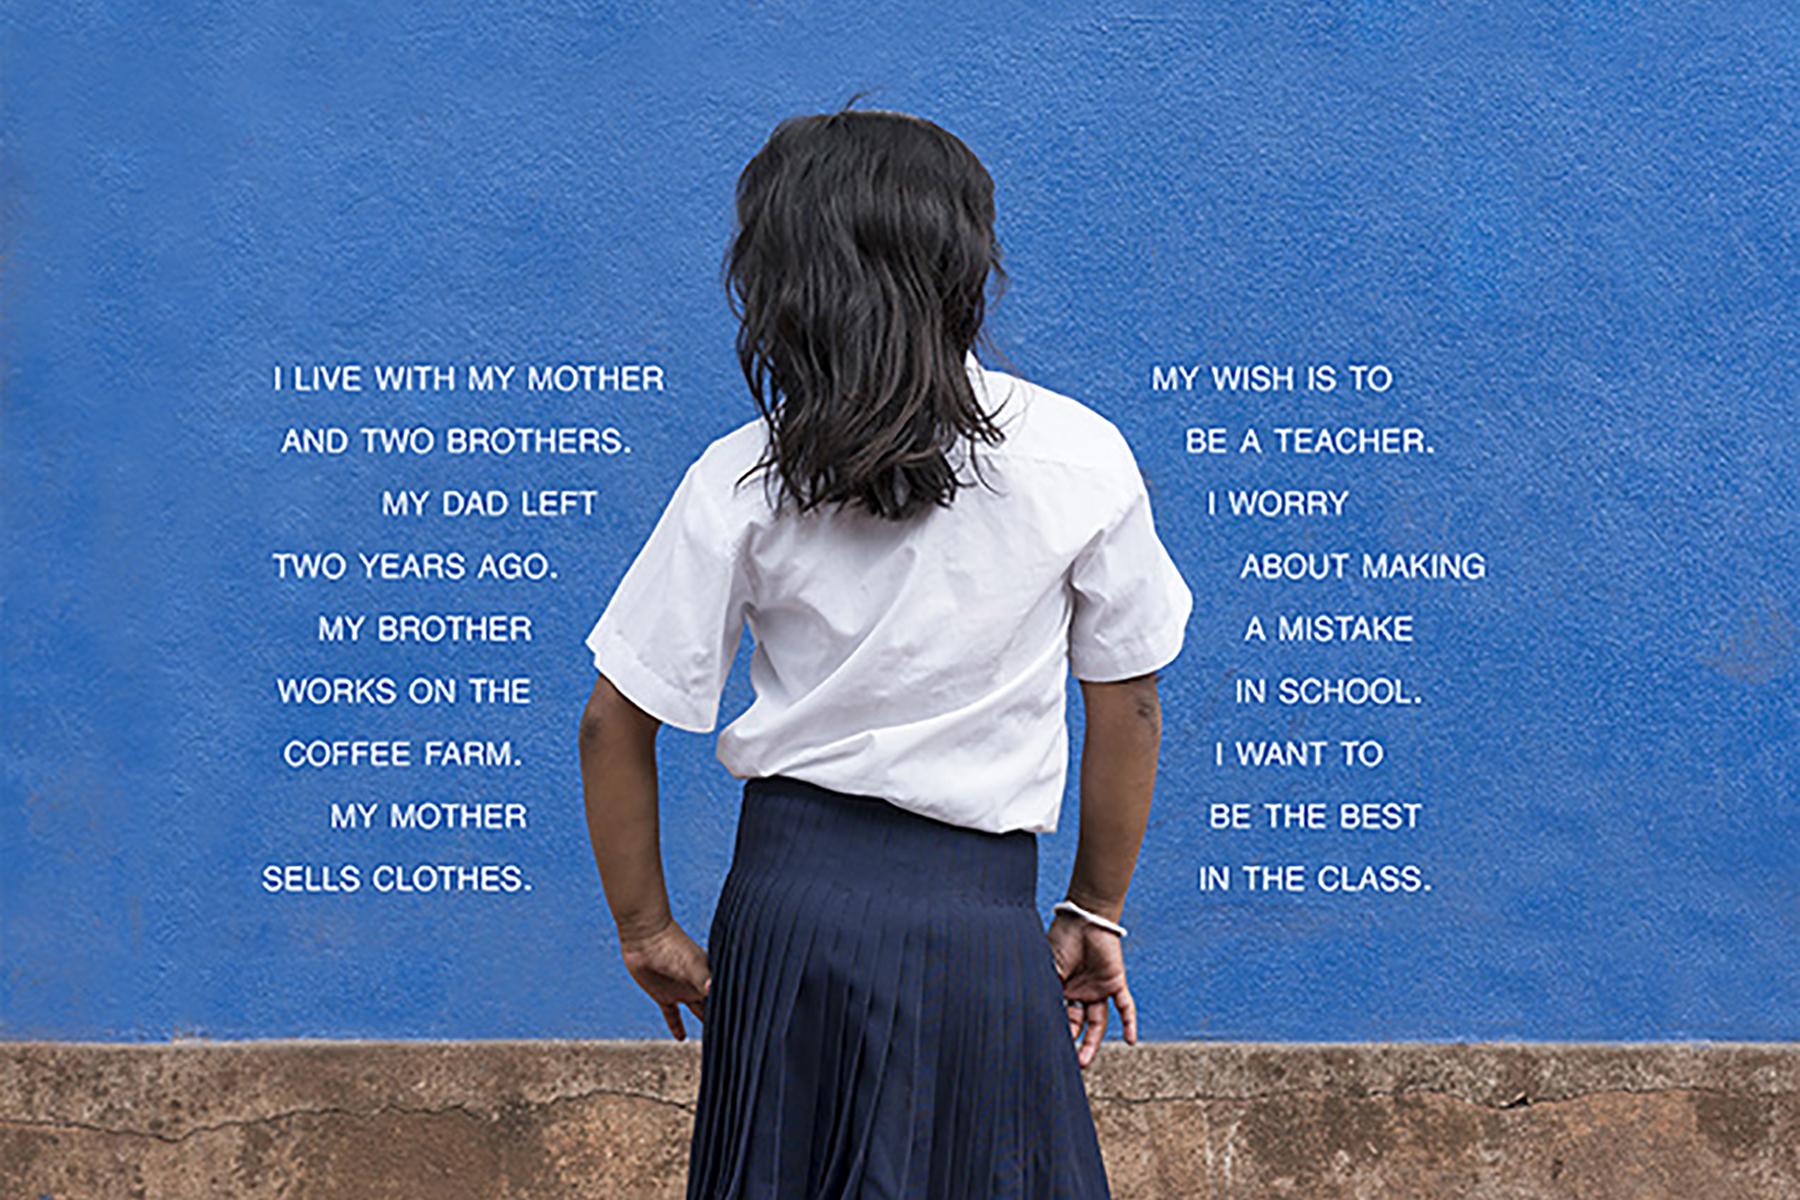 Gelles-TheClass-Nicaragua public school 4x6.jpg